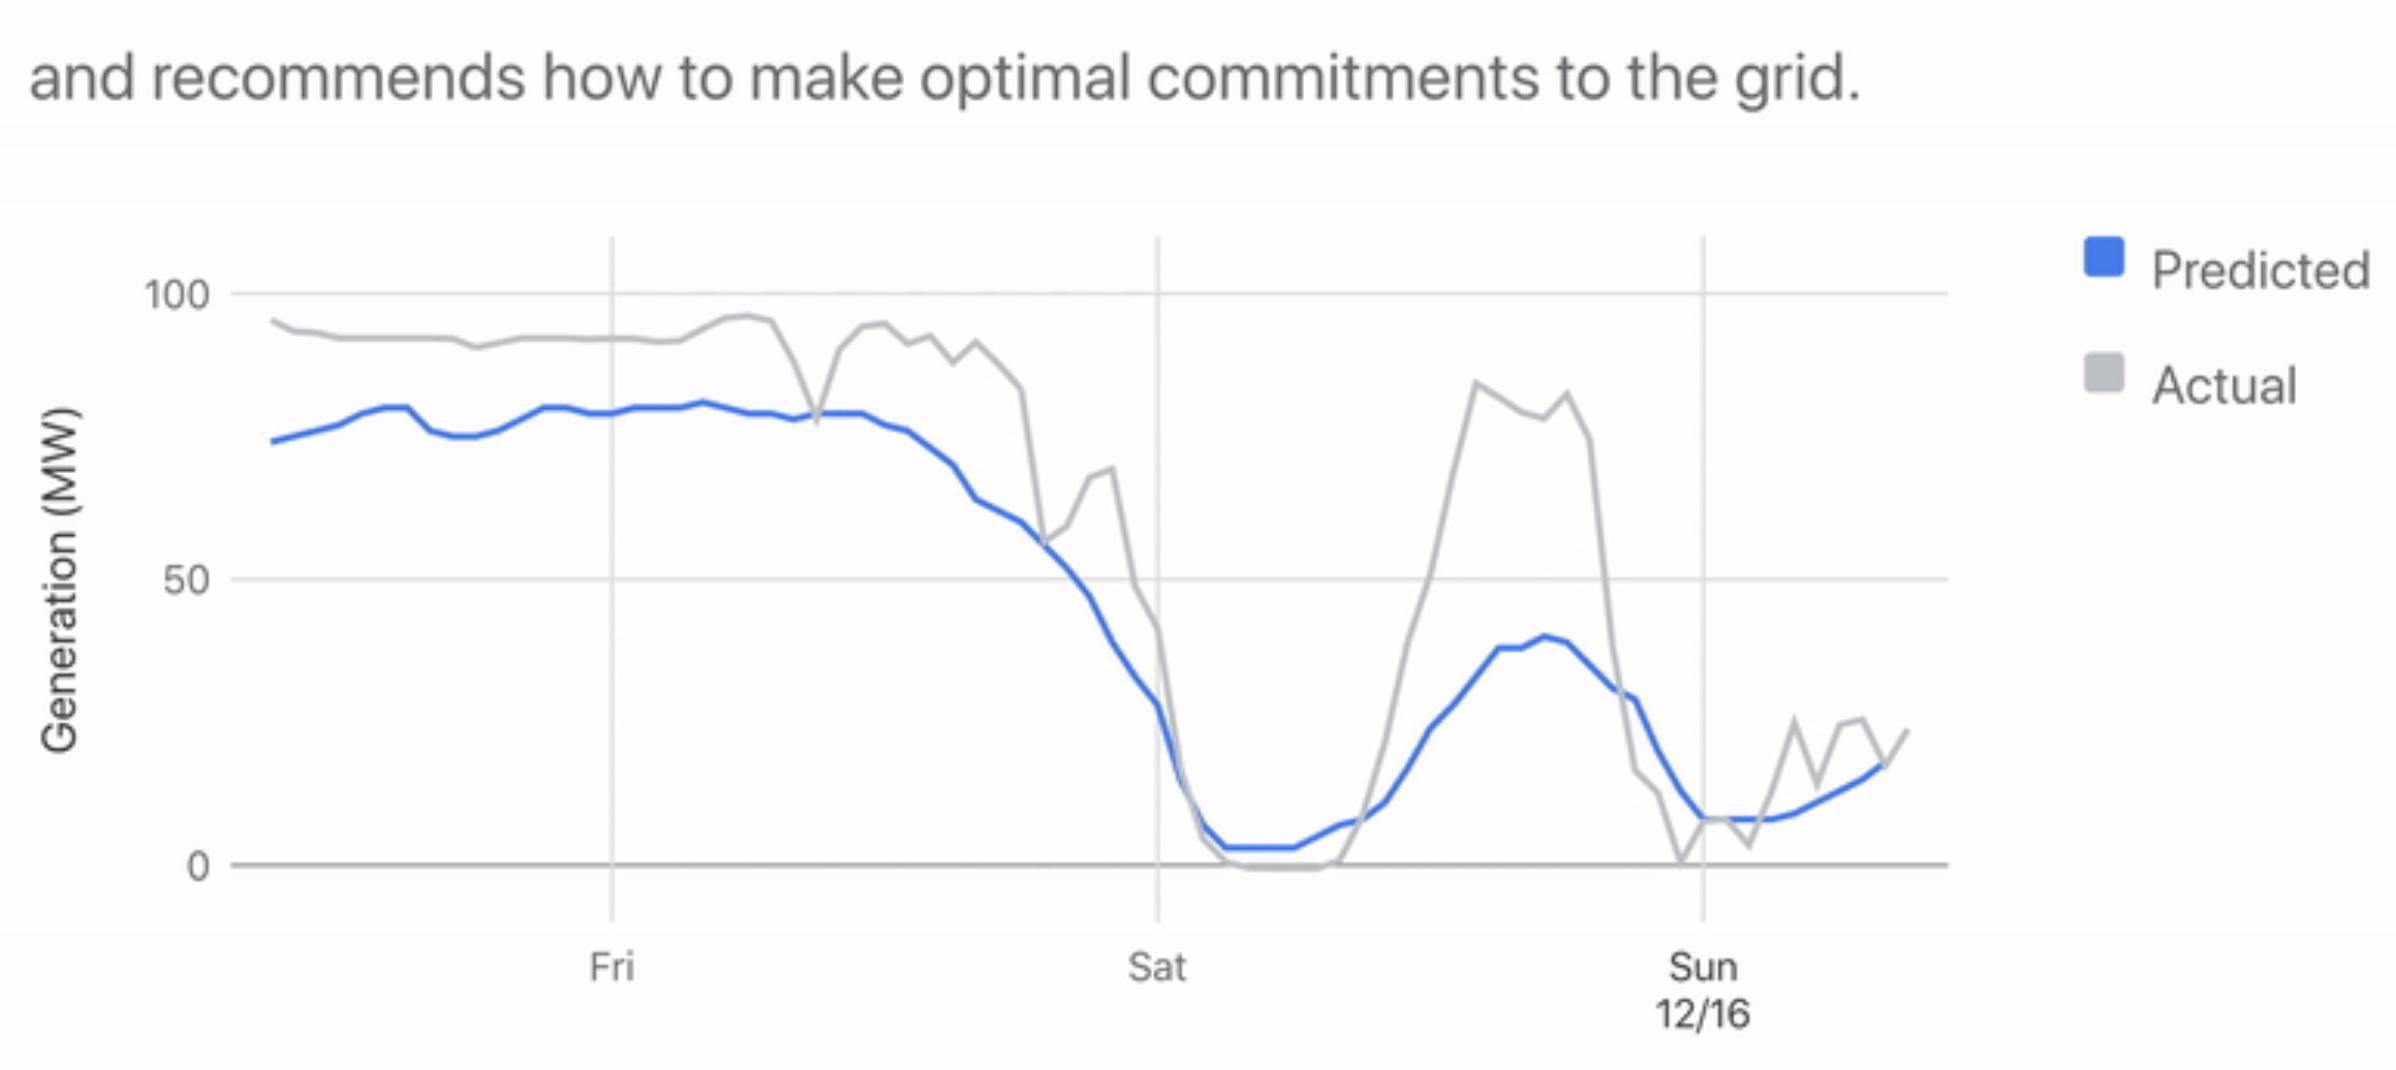 【アメリカ】グーグルとDeepMind、風力発電量を36時間前に予測。事業収益性を20%向上 2